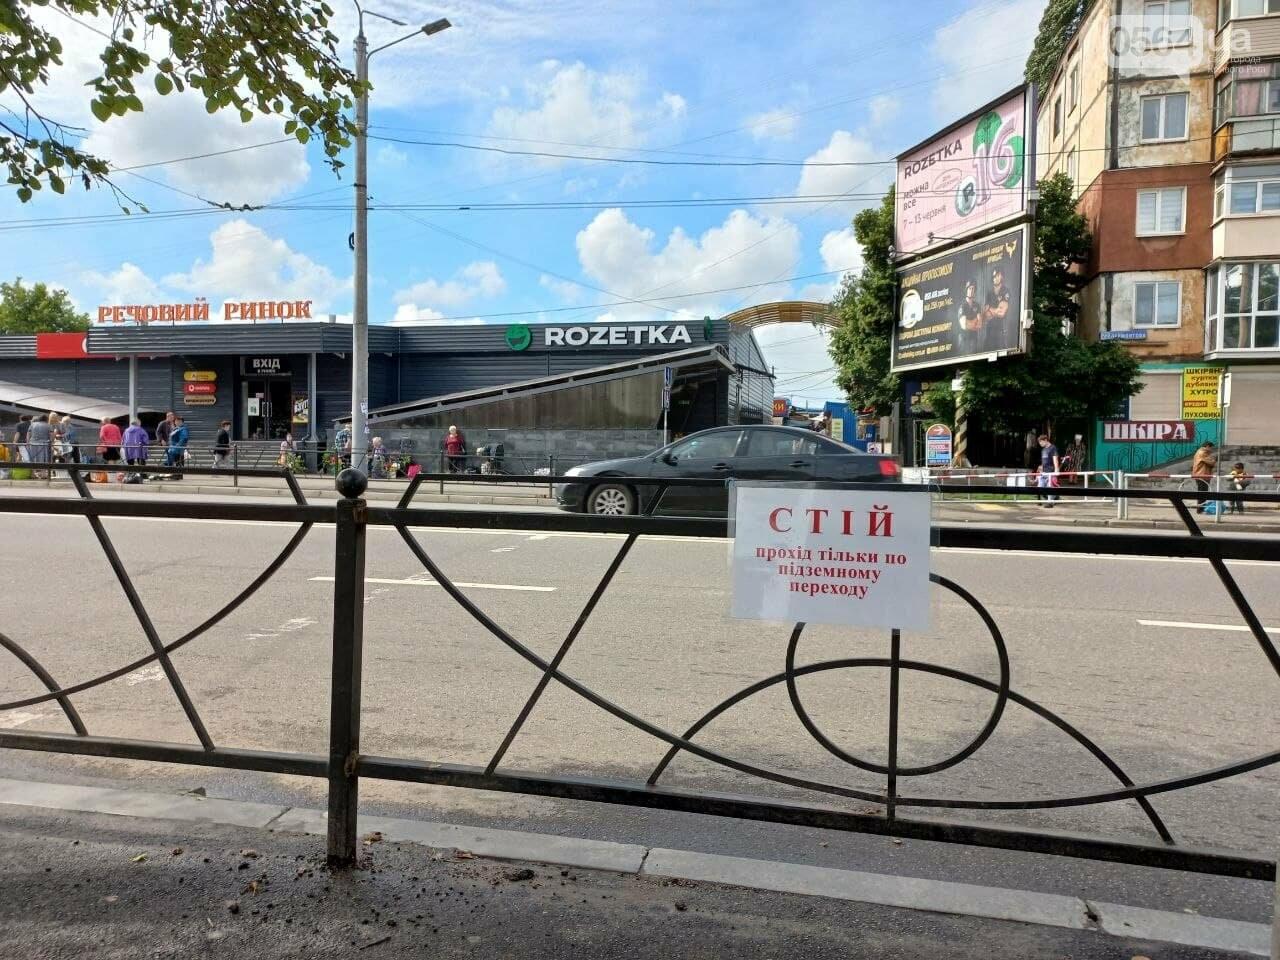 Возле Центрального рынка в Кривом Роге закрыли наземный переход и открыли подземный, - ФОТО, фото-17